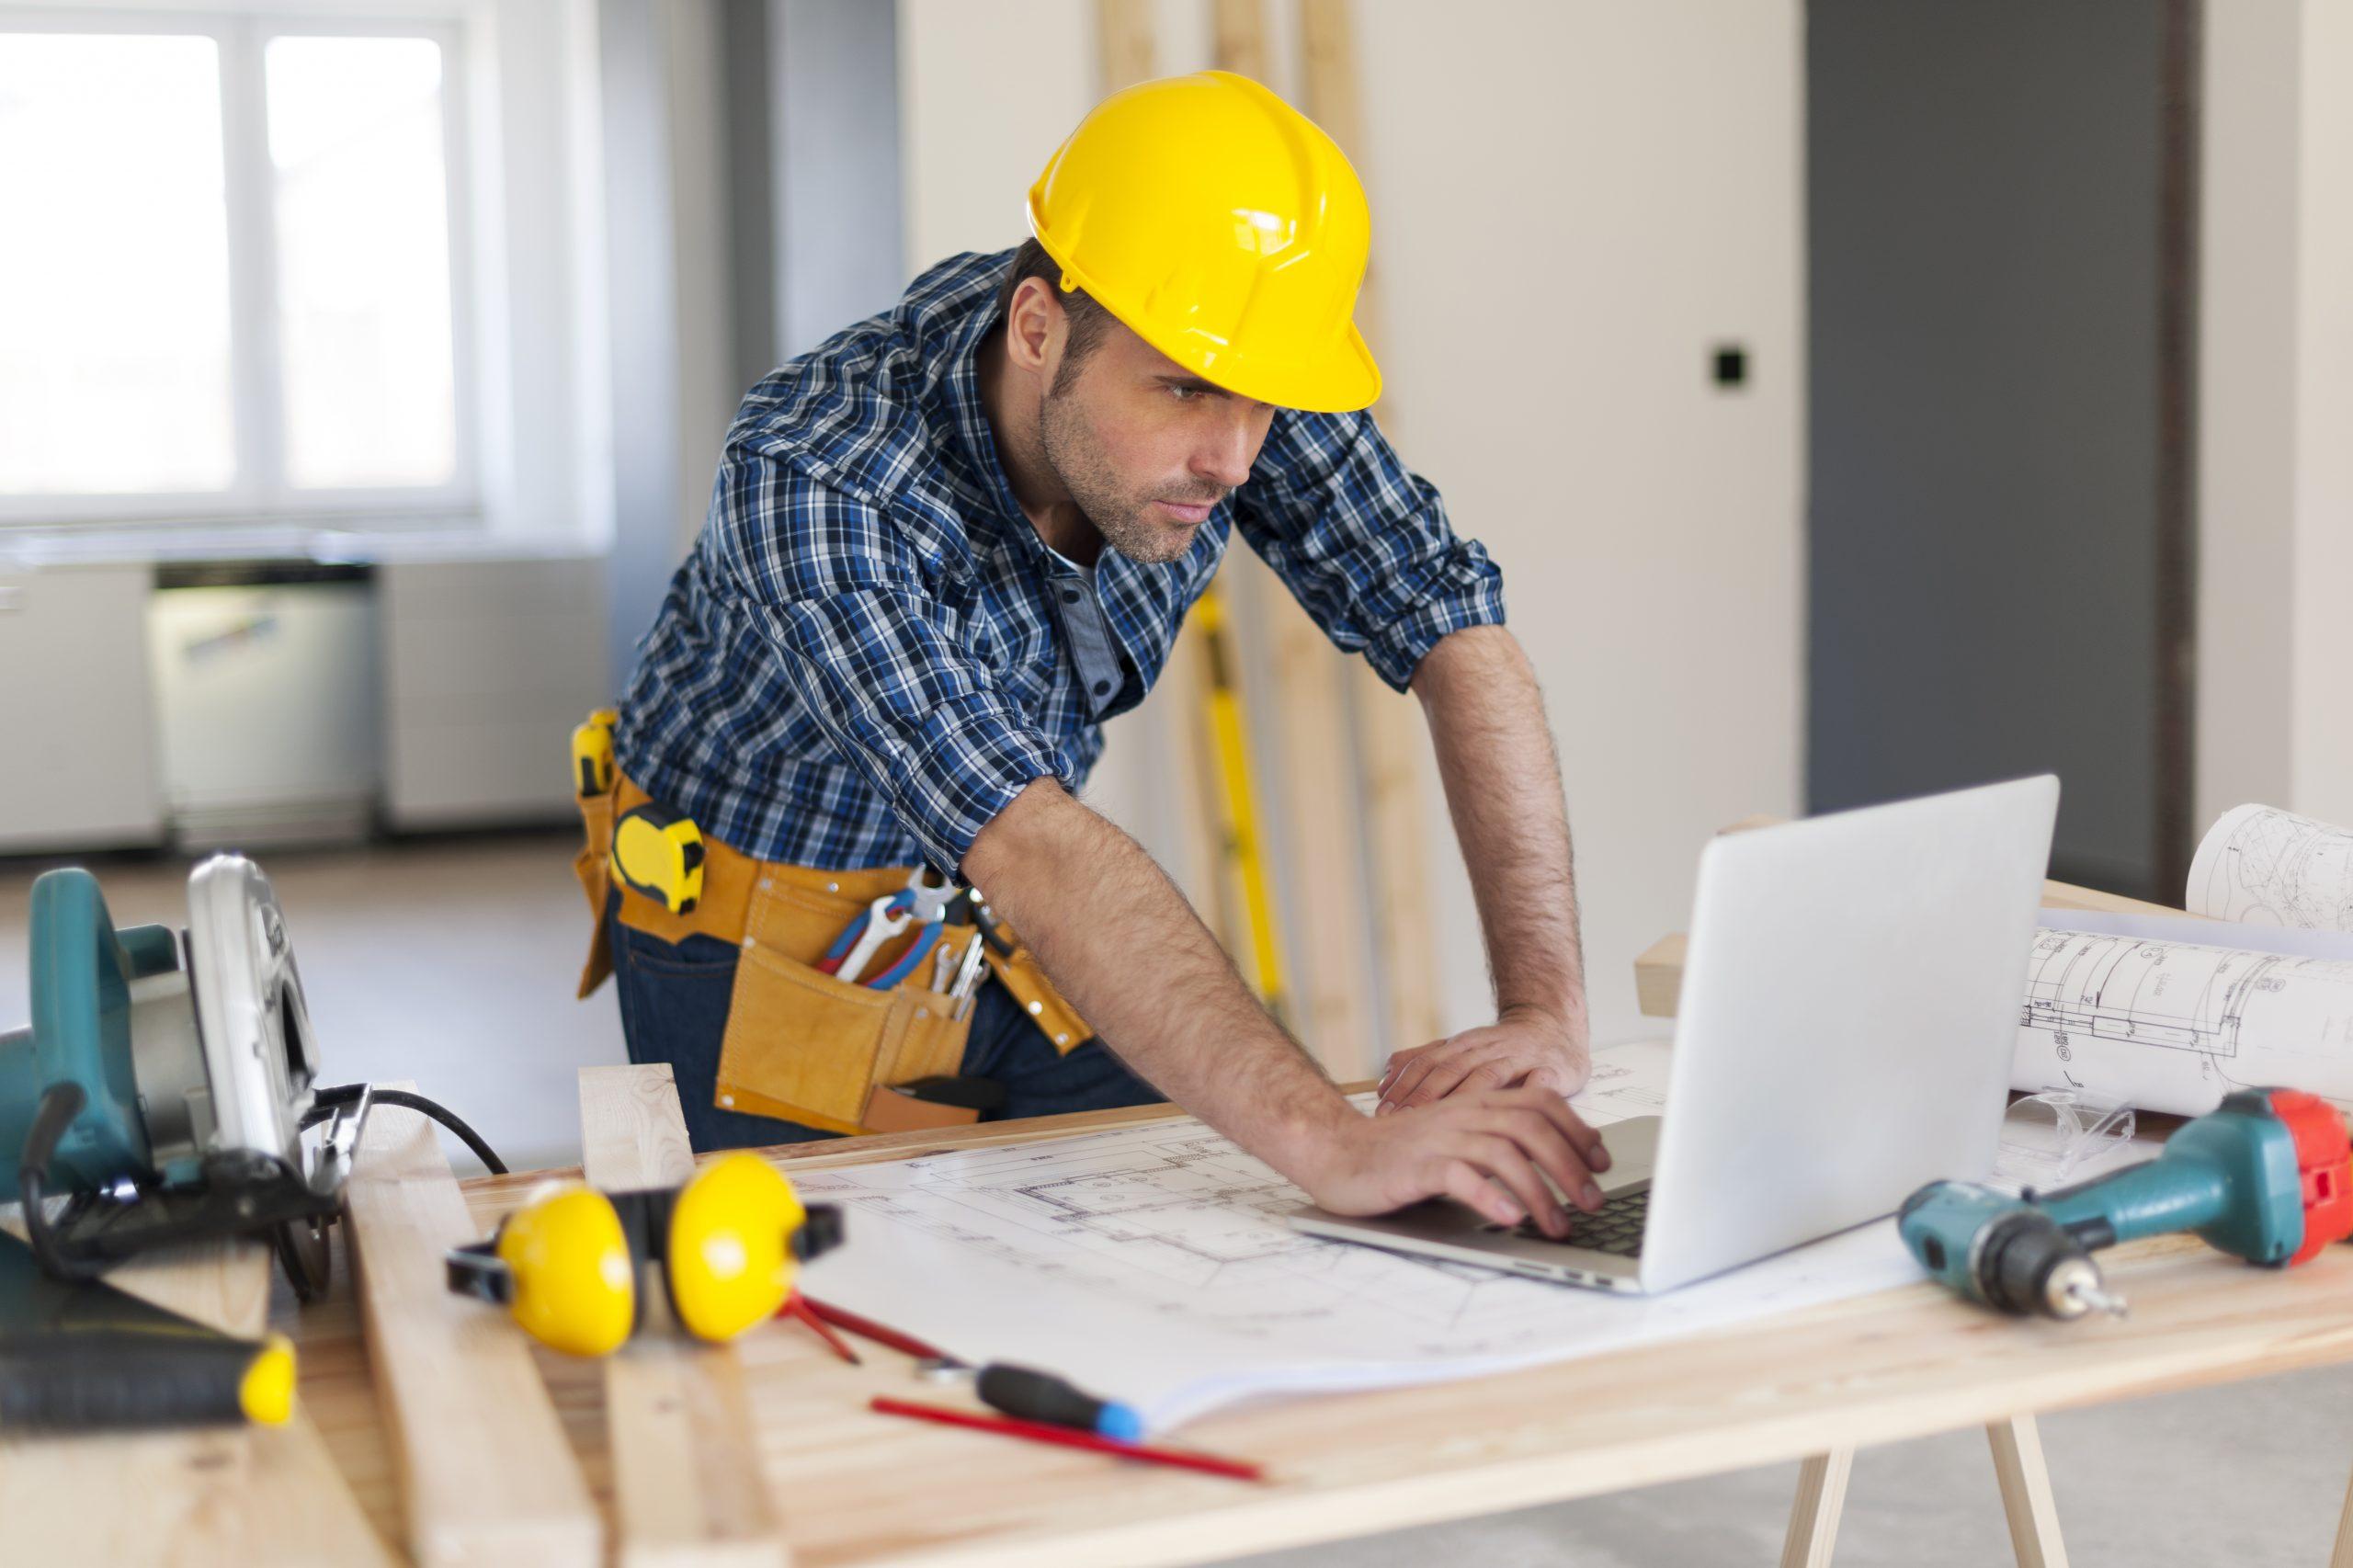 Ocupaciones de la construcción más demandadas